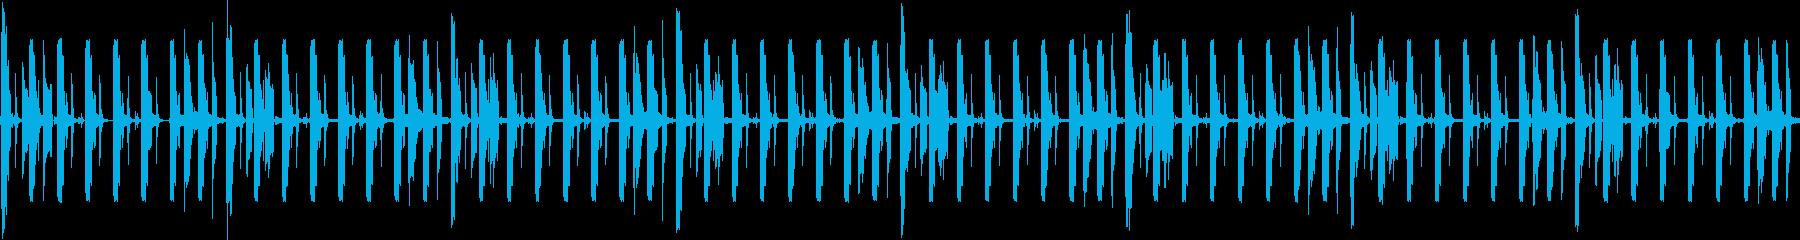 待ち時間や考えている時などに使えそうな音の再生済みの波形